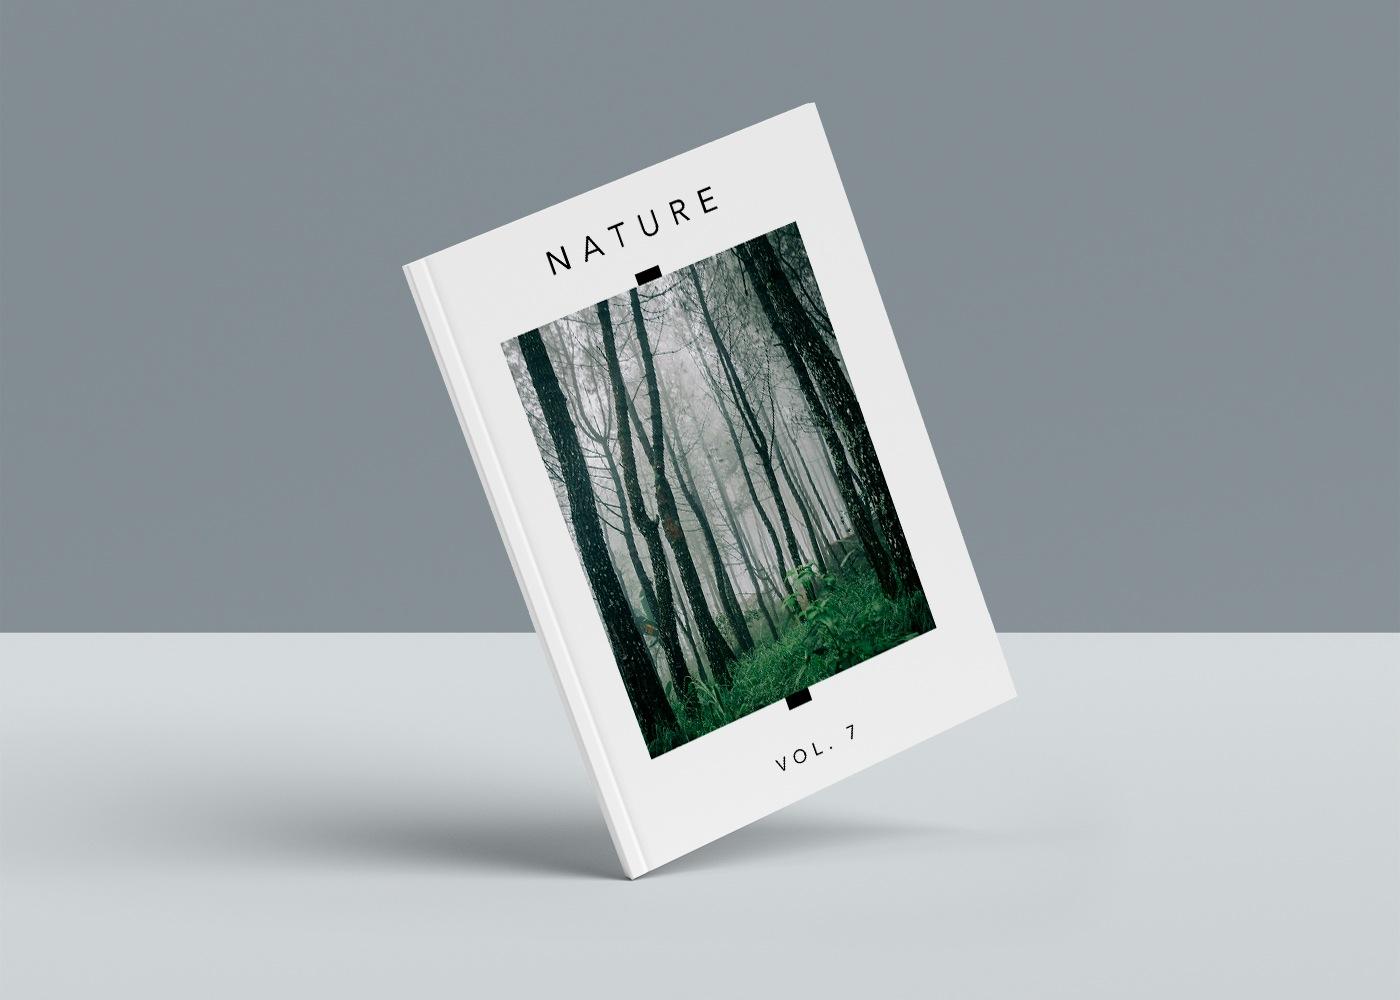 Nature Magazine 1